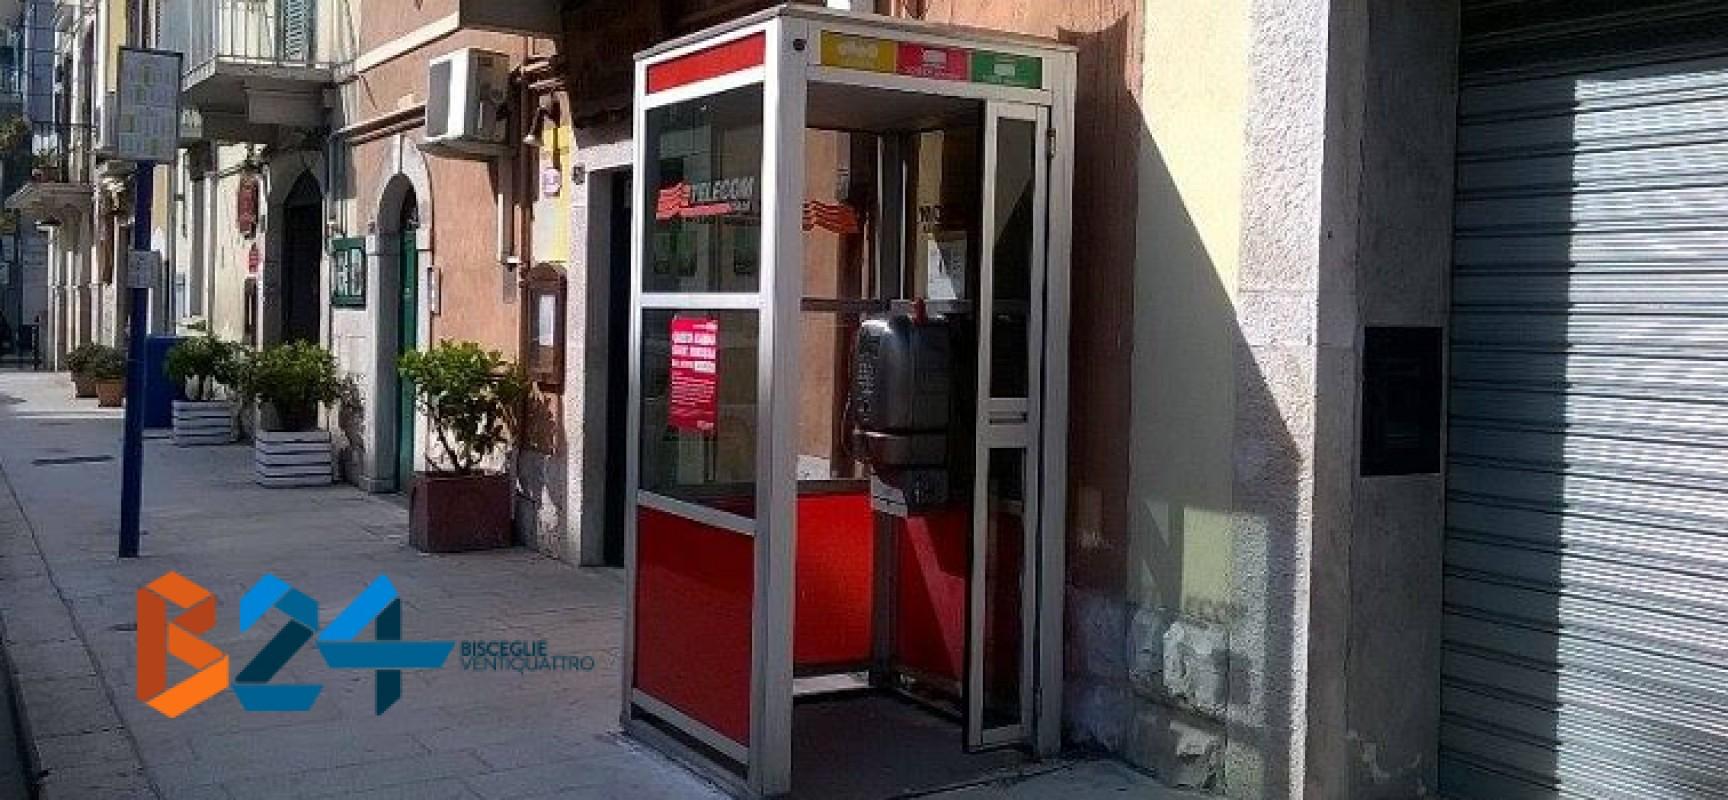 Tempi moderni, entro il 16 giugno addio vecchie cabine telefoniche. O forse no